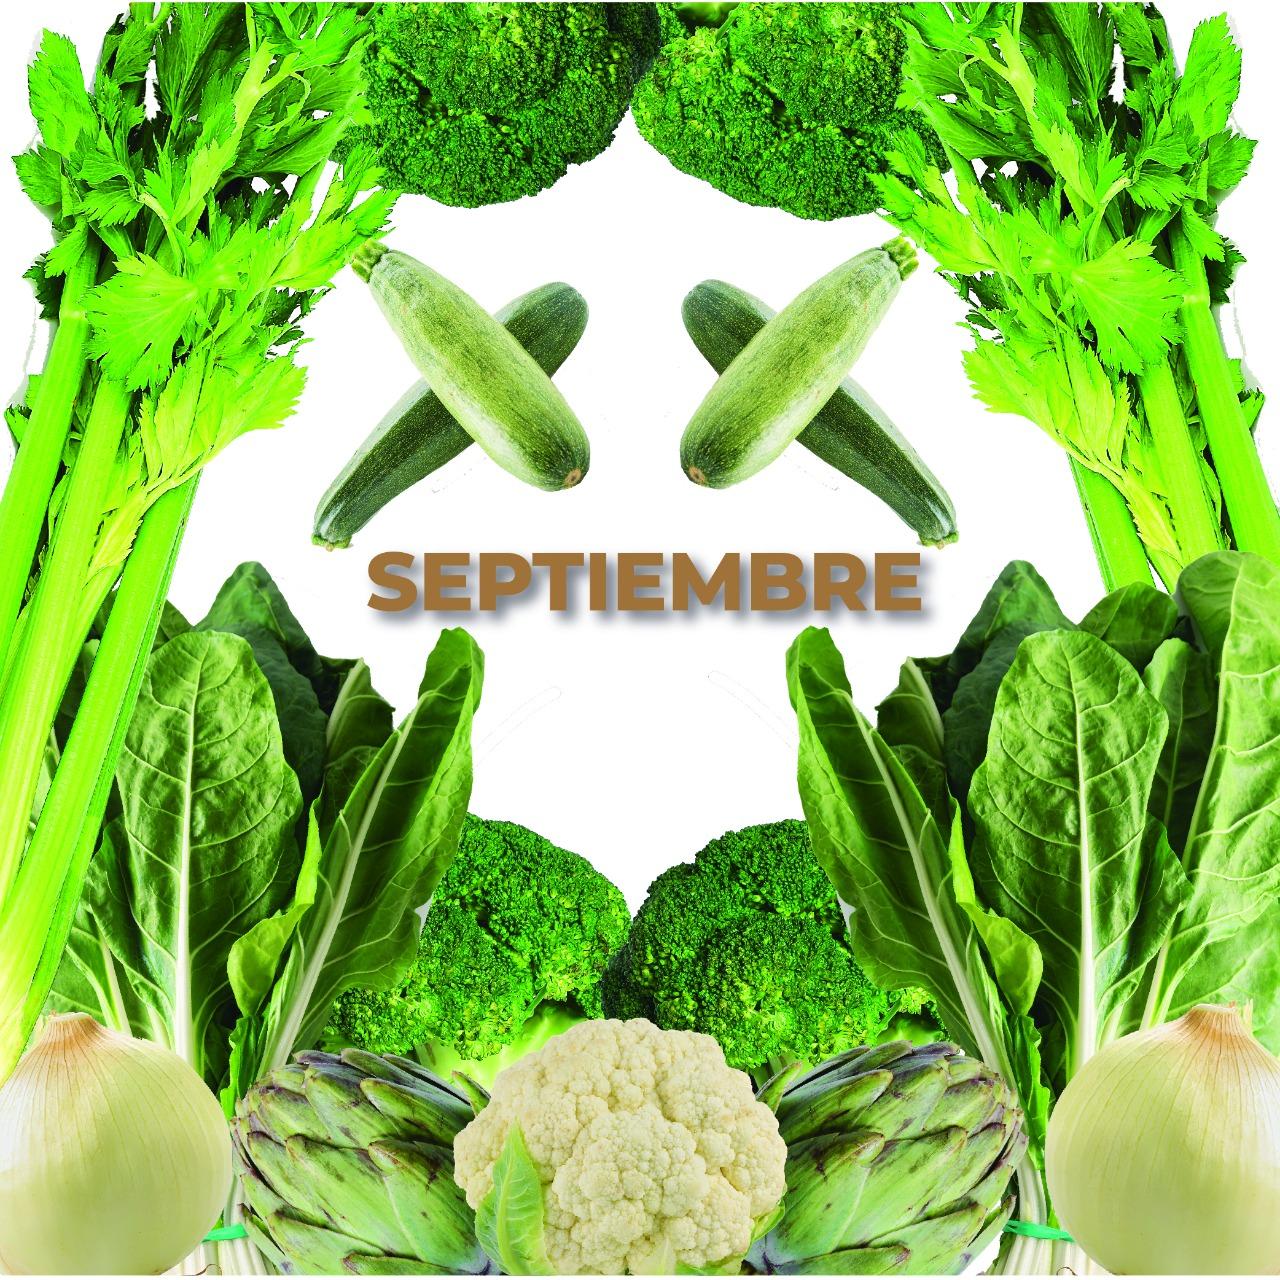 Efemérides, fechas importantes y curiosidades del mes